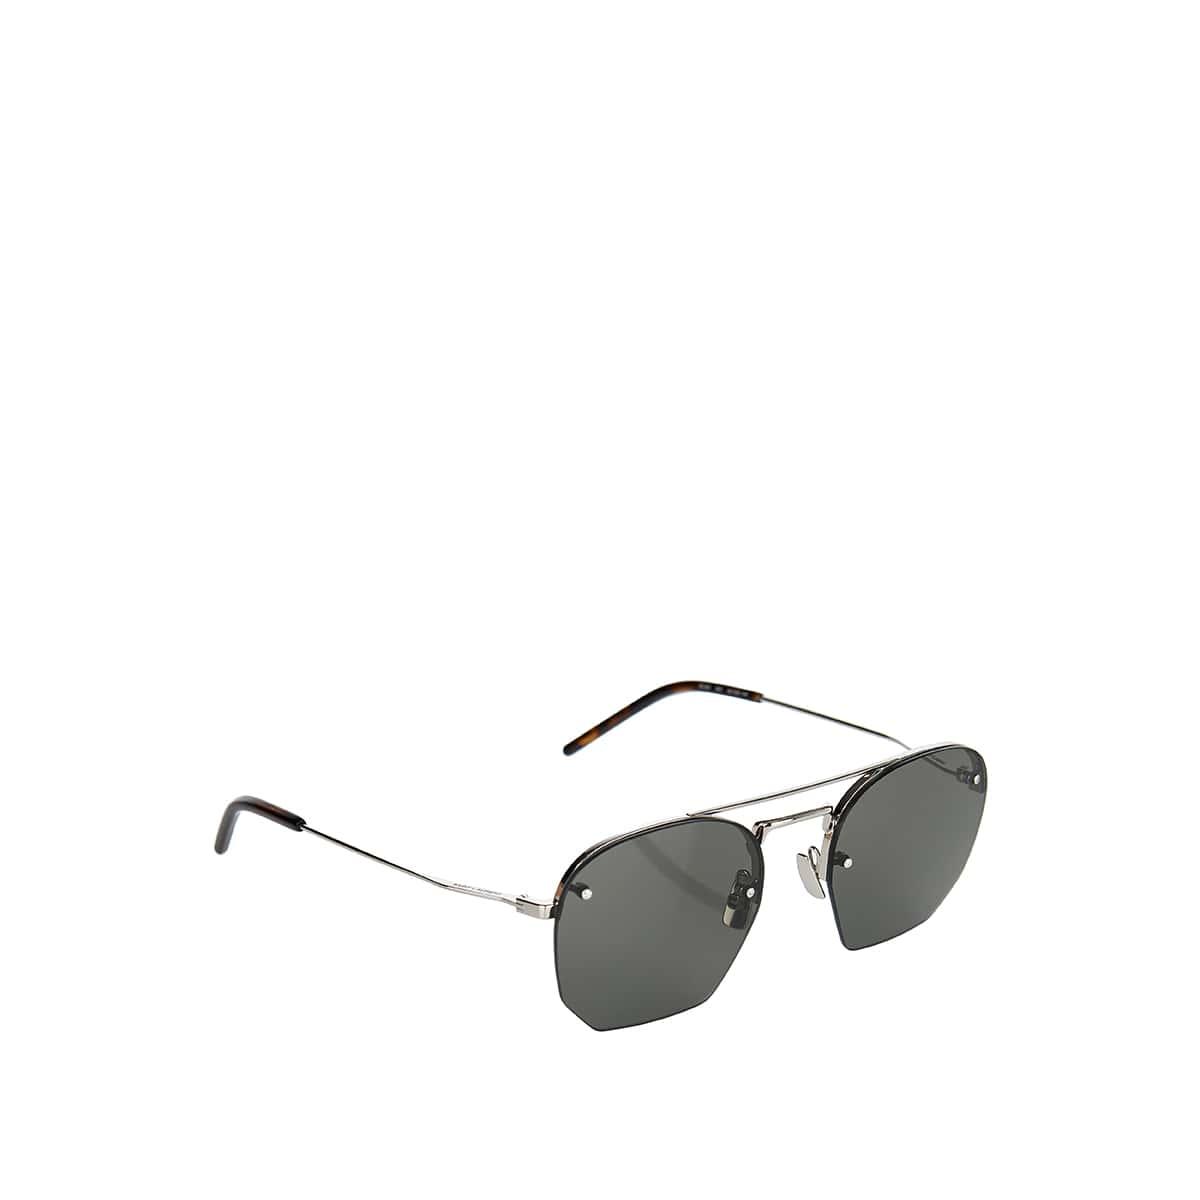 SL 422 aviator metal sunglasses